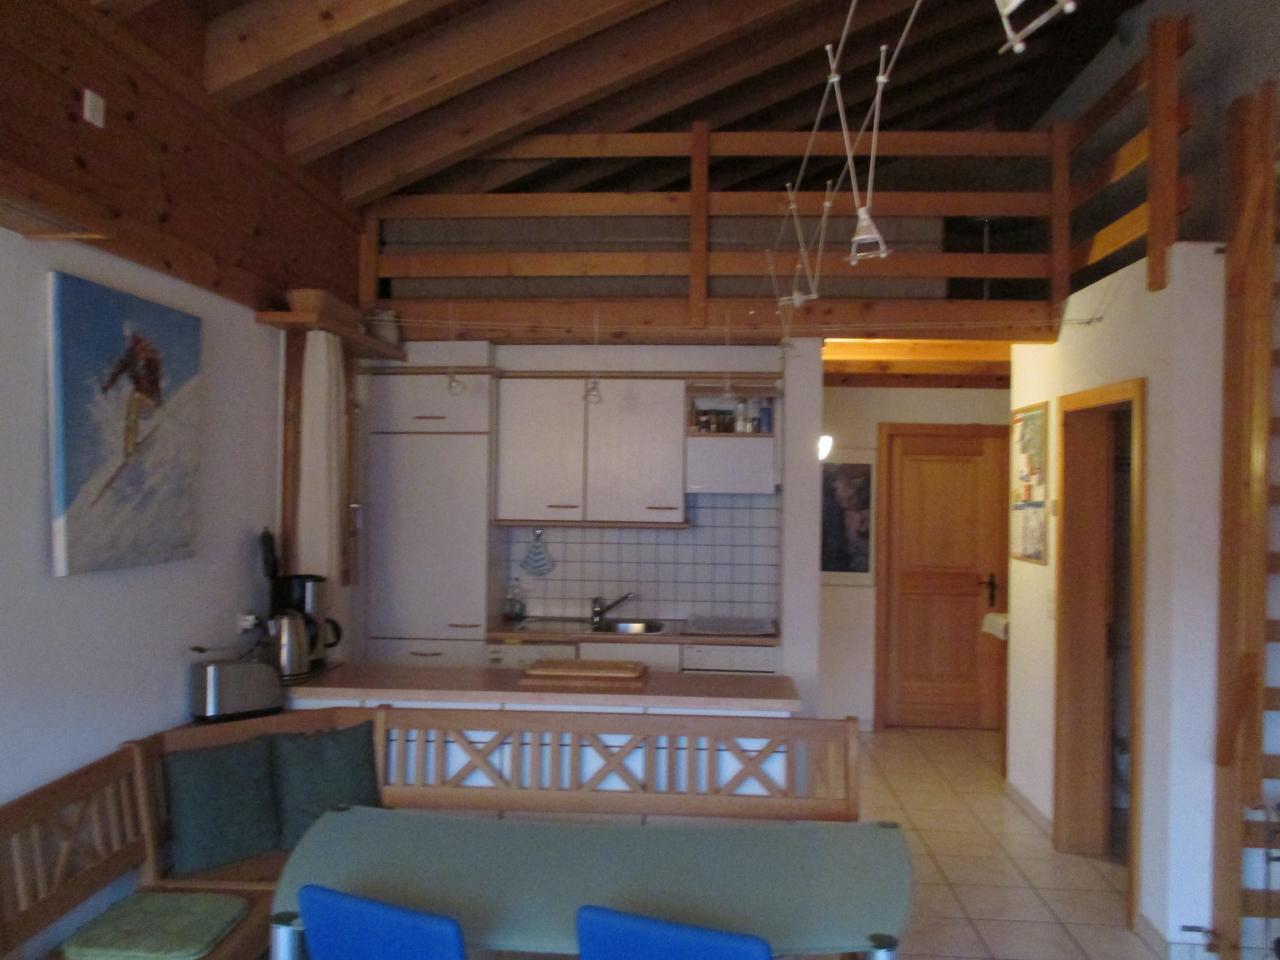 Appartement de vacances Fewo Belstar DG West (2542780), Bellwald, Aletsch - Conches, Valais, Suisse, image 5